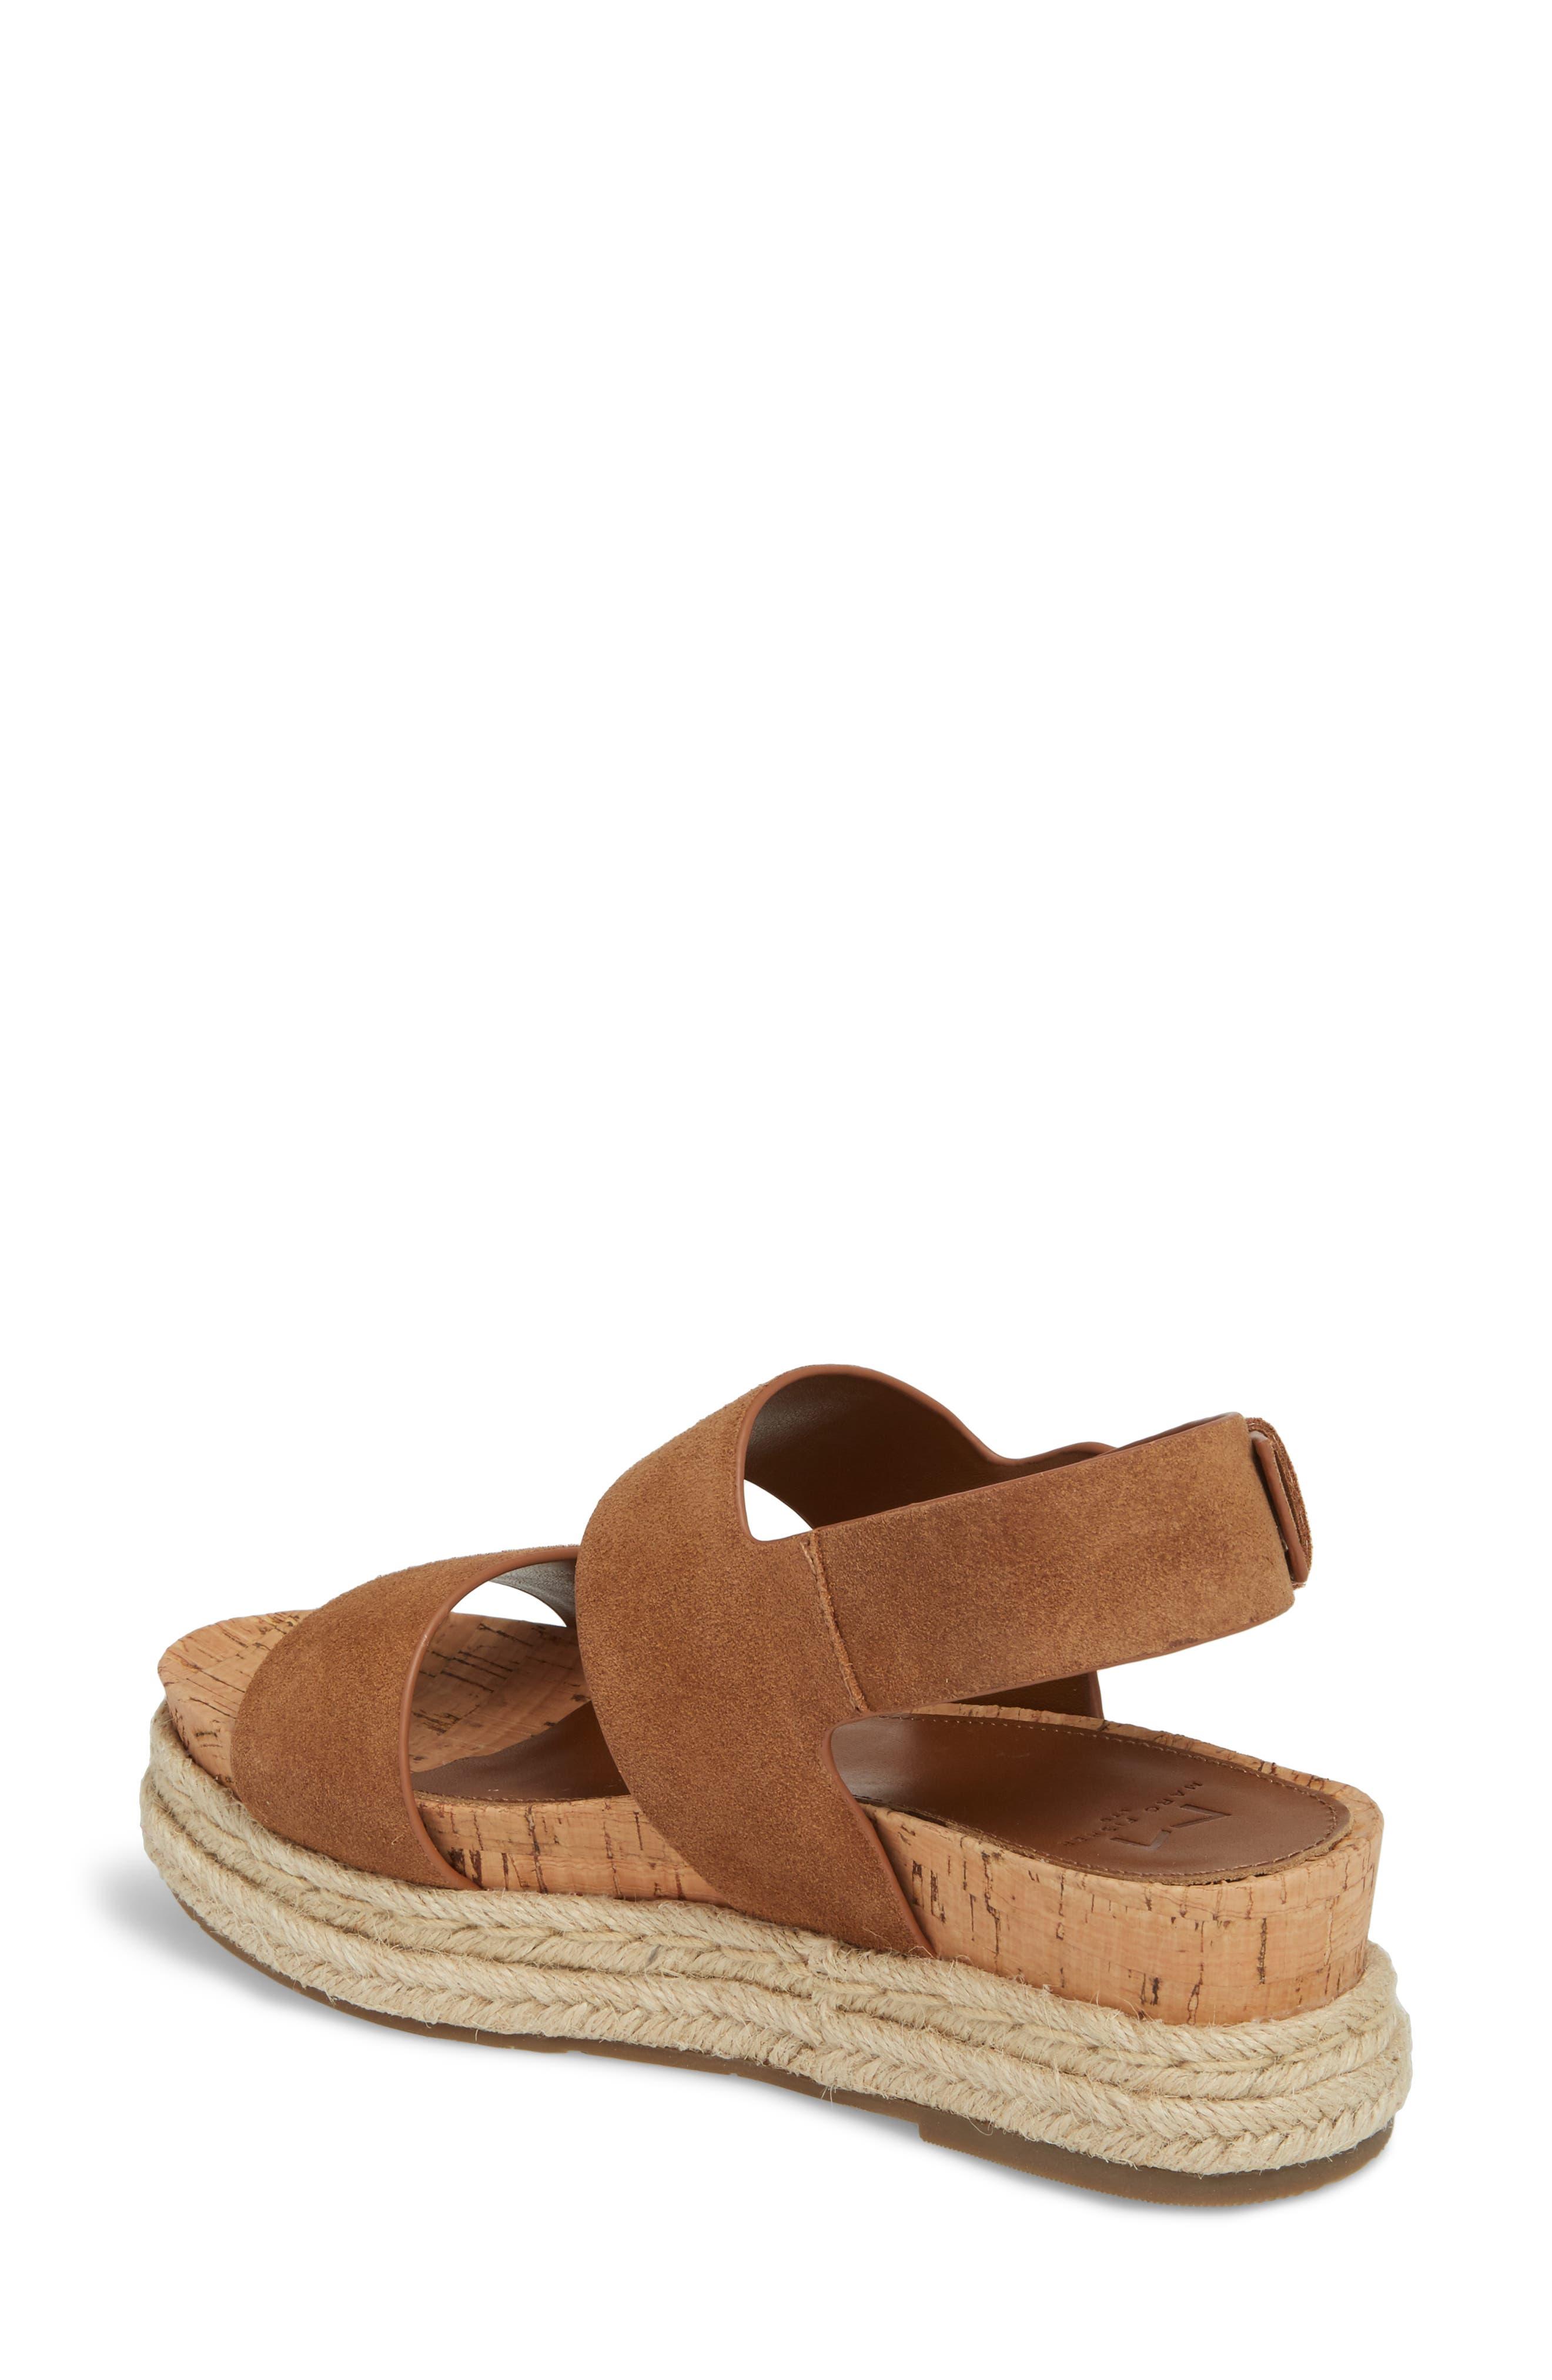 Oria Espadrille Platform Sandal,                             Alternate thumbnail 2, color,                             COGNAC SUEDE